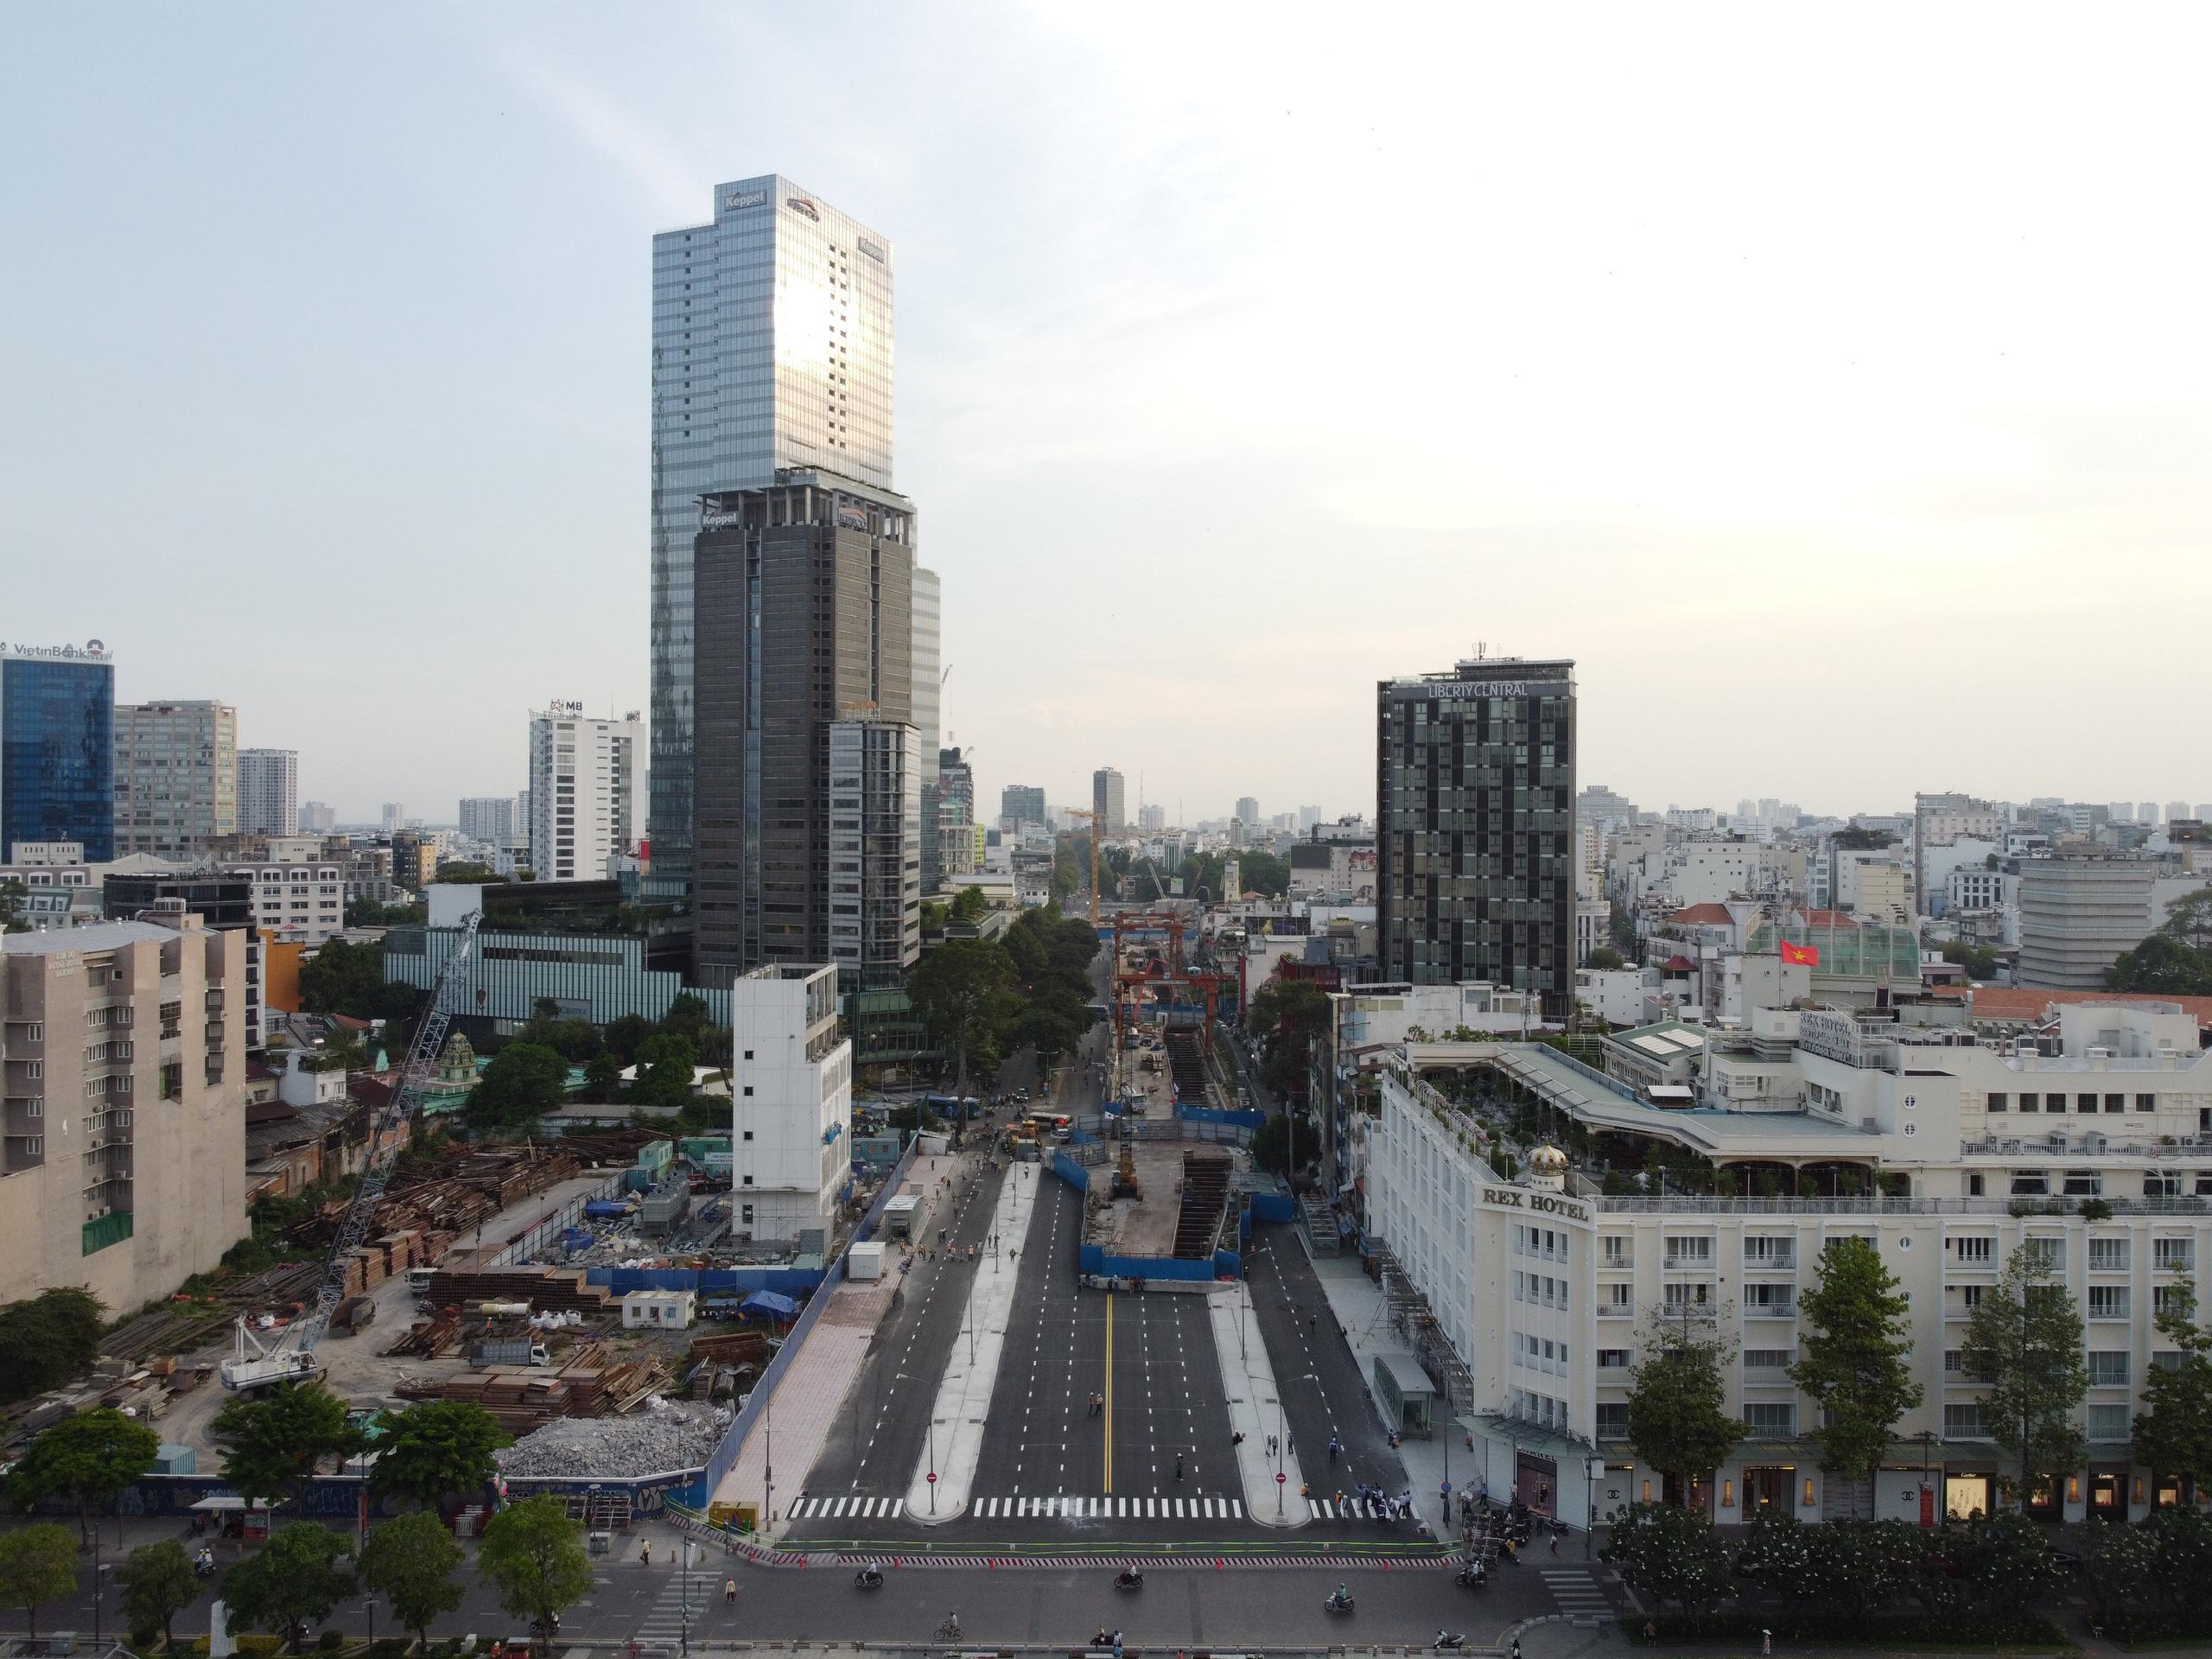 Cận cảnh tuyến đường sắt metro Bến Thành - Suối Tiên trước ngày đón đoàn tàu số 2 và 3 - Ảnh 2.